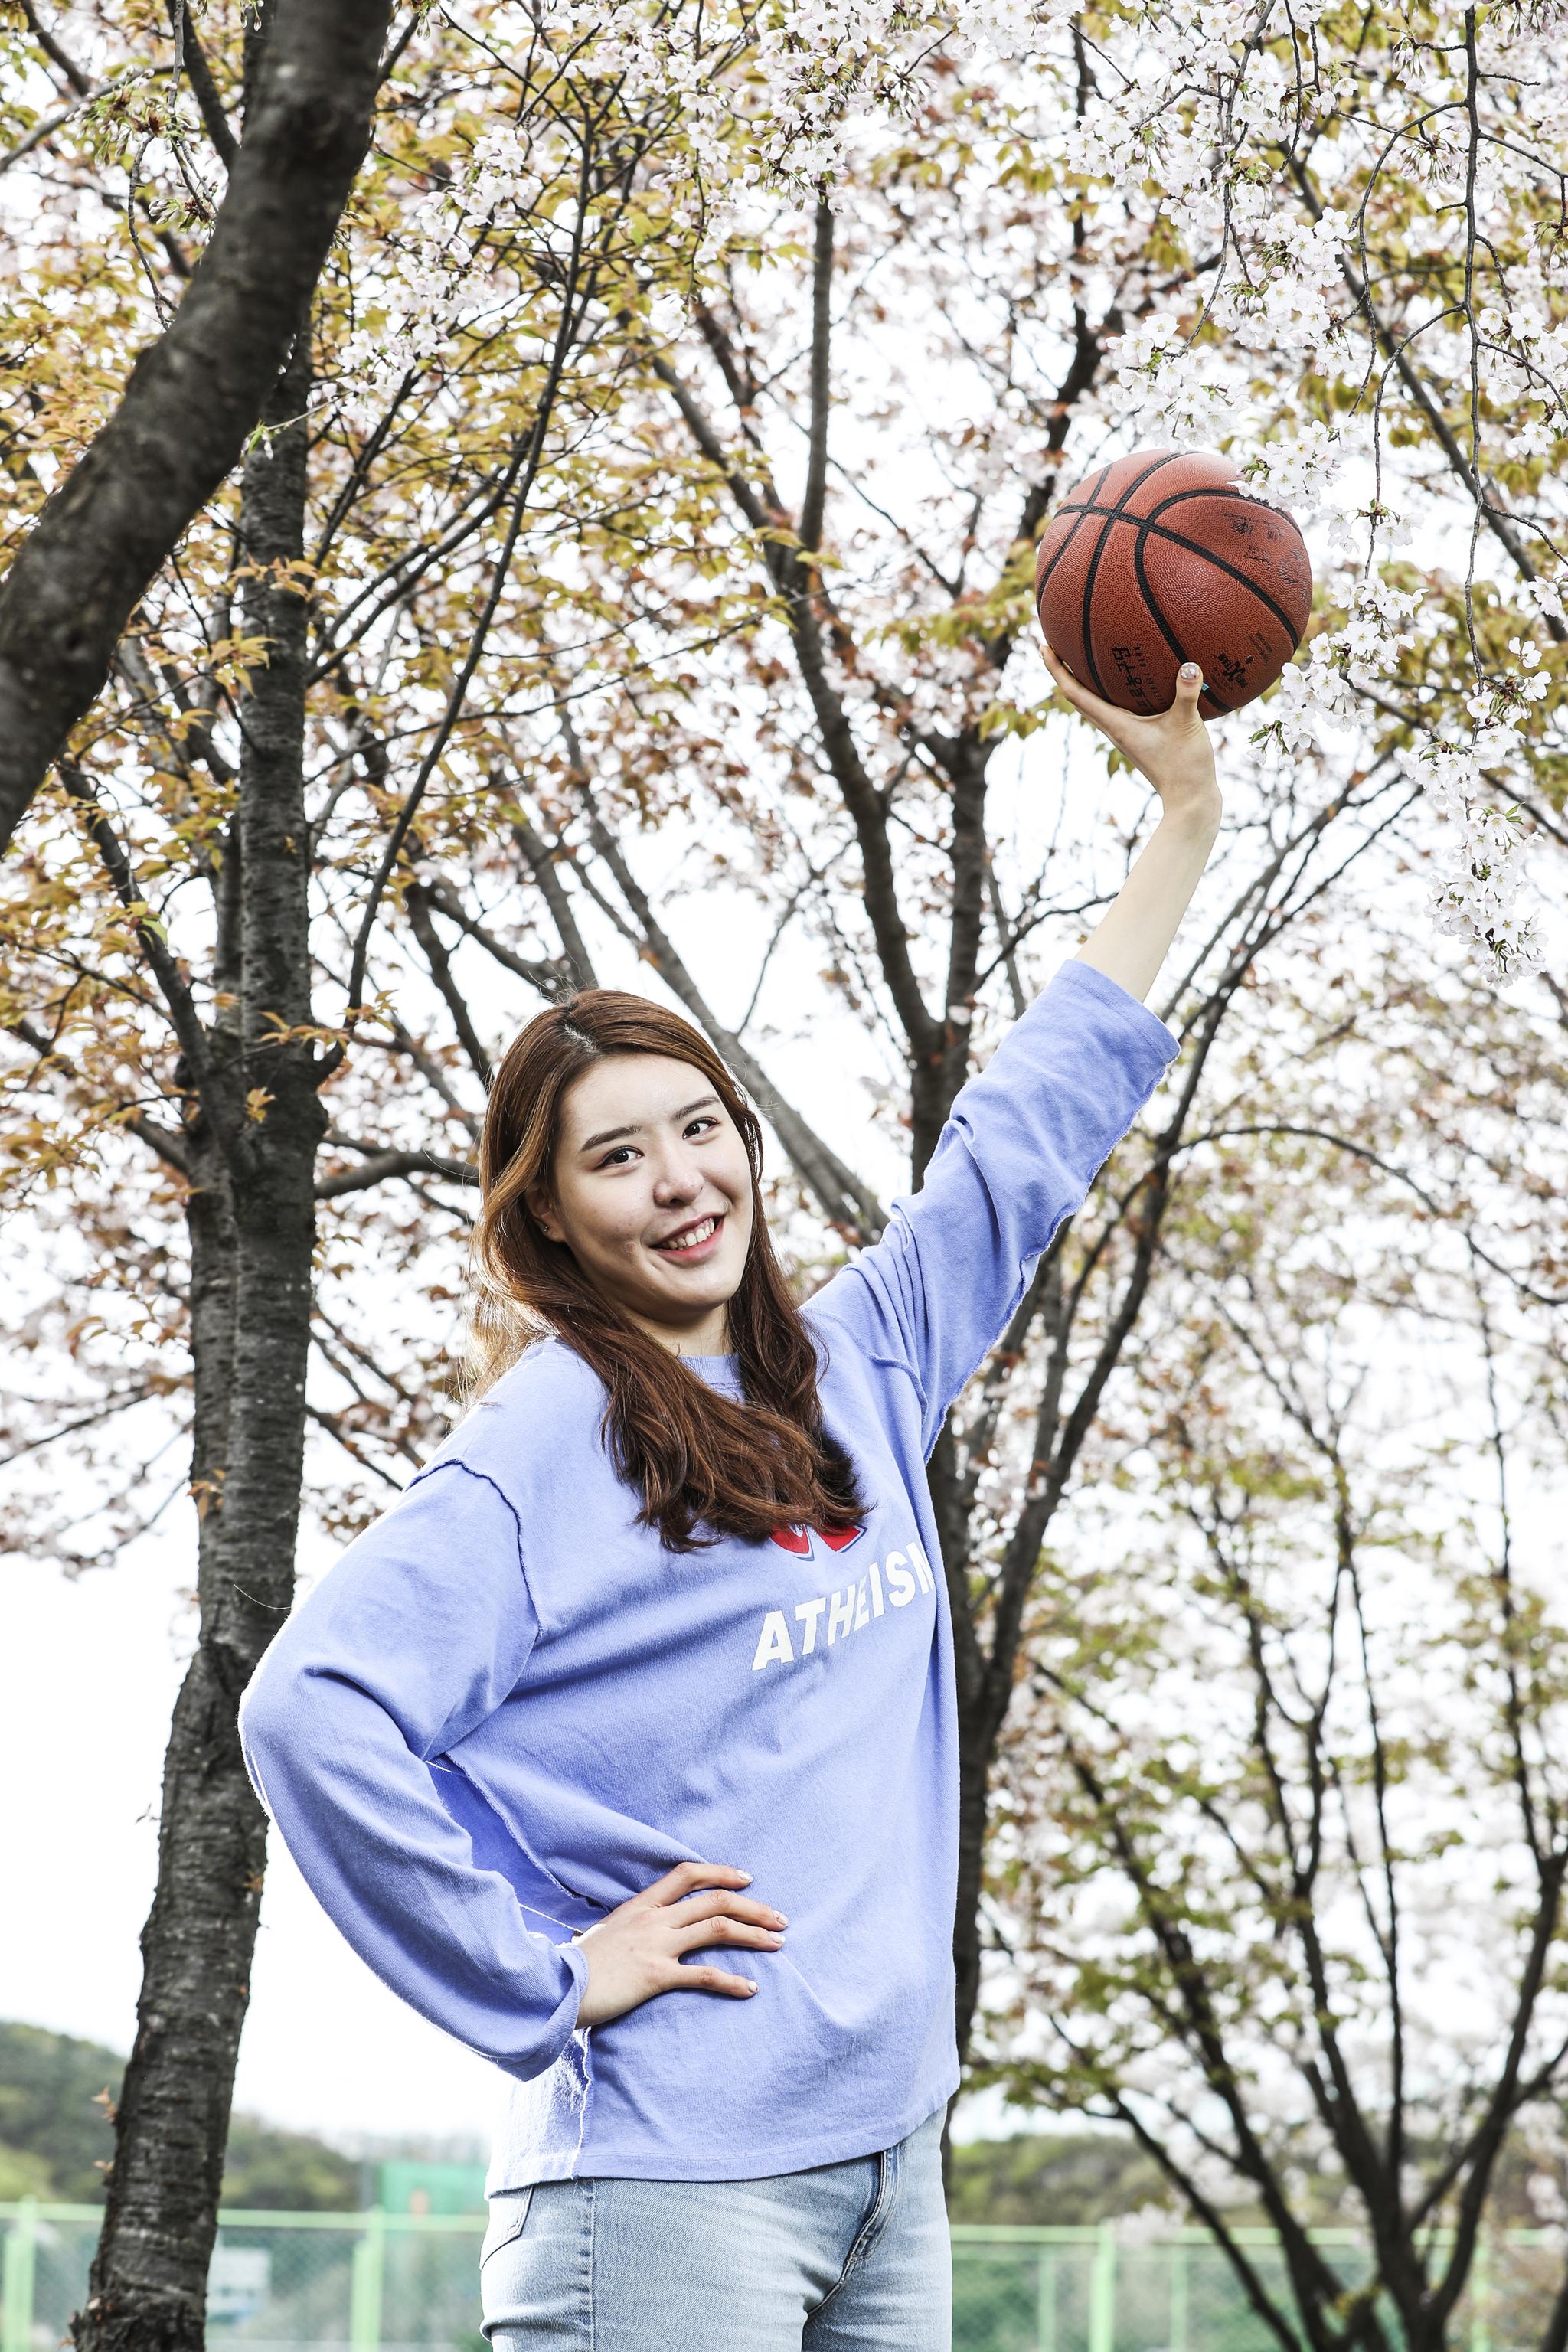 박지수는 비시즌 휴가를 반납하고 WNBA에서 뛴다. 농구를 더 잘 하고 싶어서다. 김경록 기자